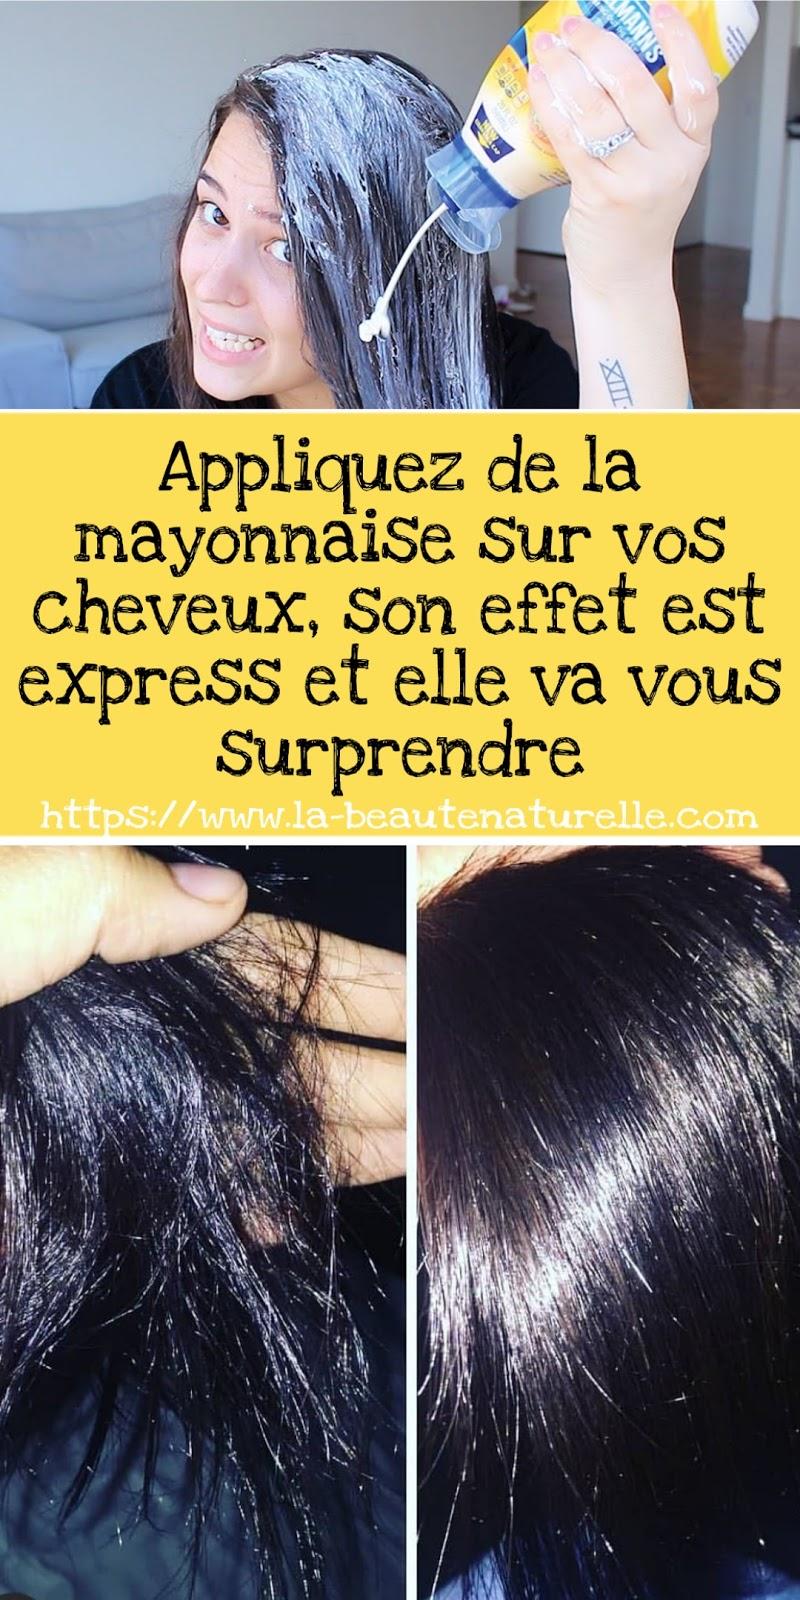 Appliquez de la mayonnaise sur vos cheveux, son effet est express et elle va vous surprendre